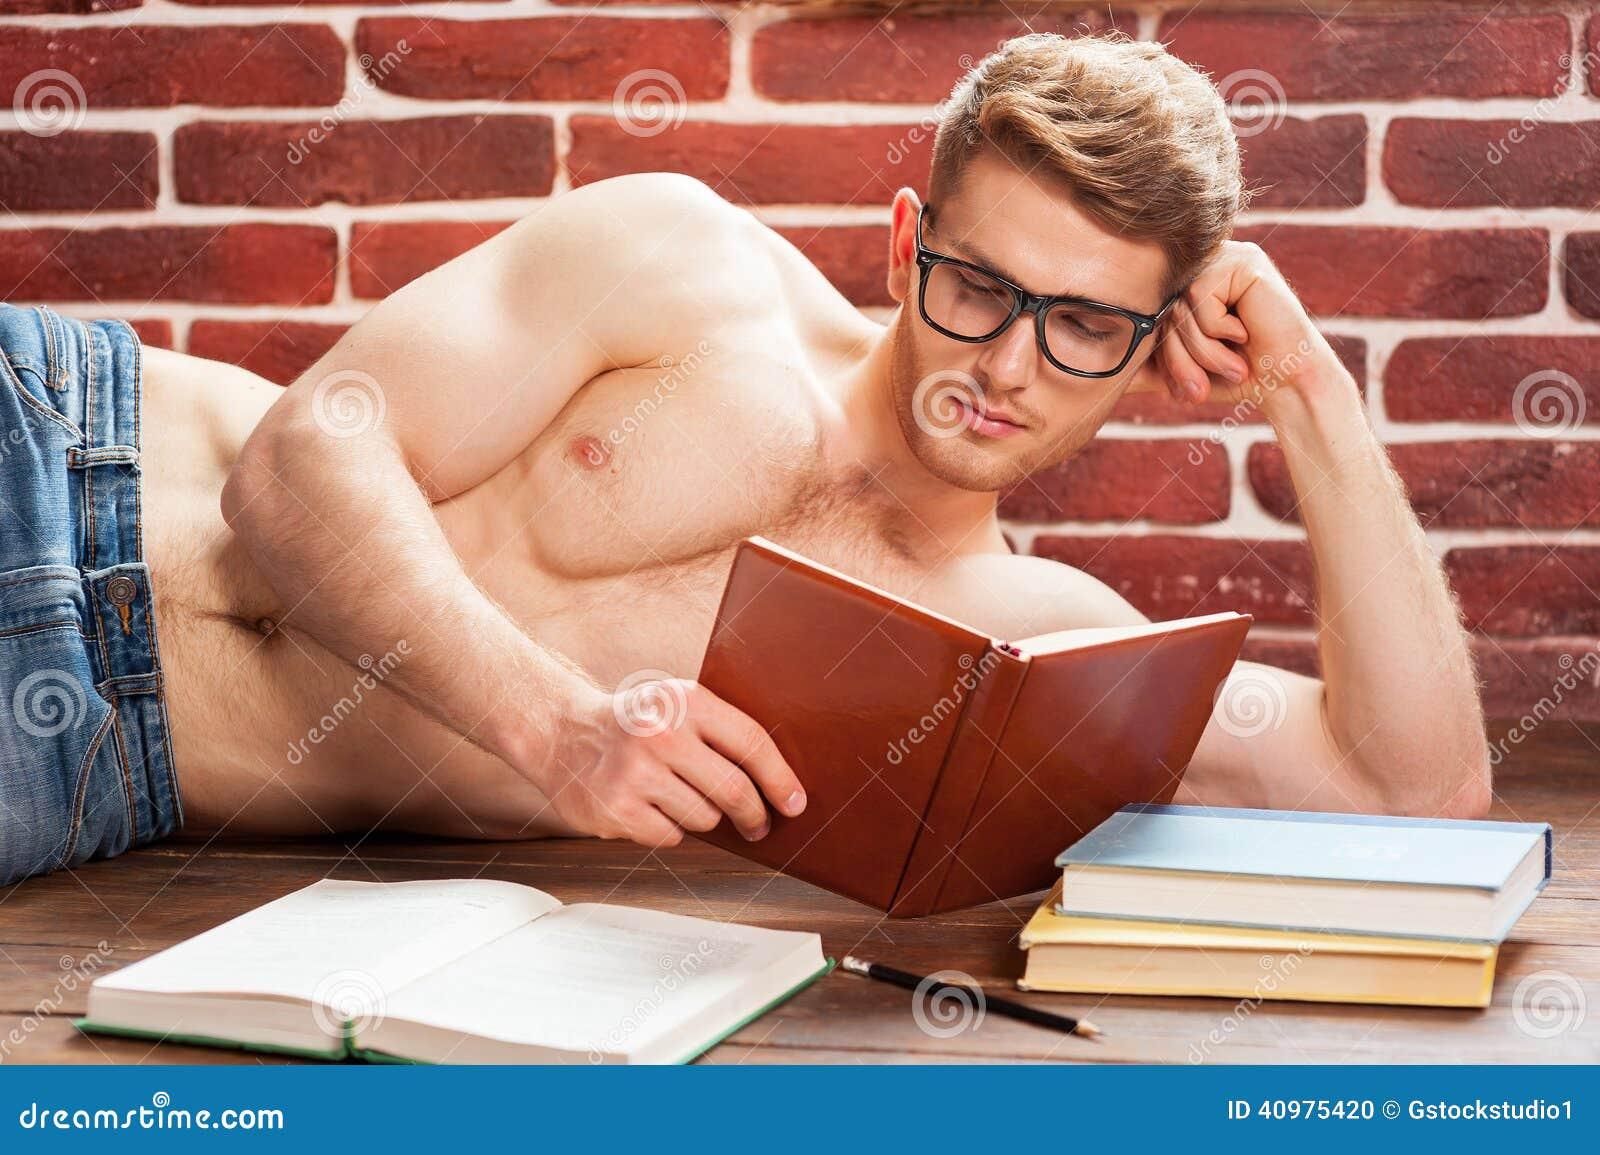 Эротическая библиотека читать онлайн, Эротические истории. Порно рассказы. Откровенные 26 фотография